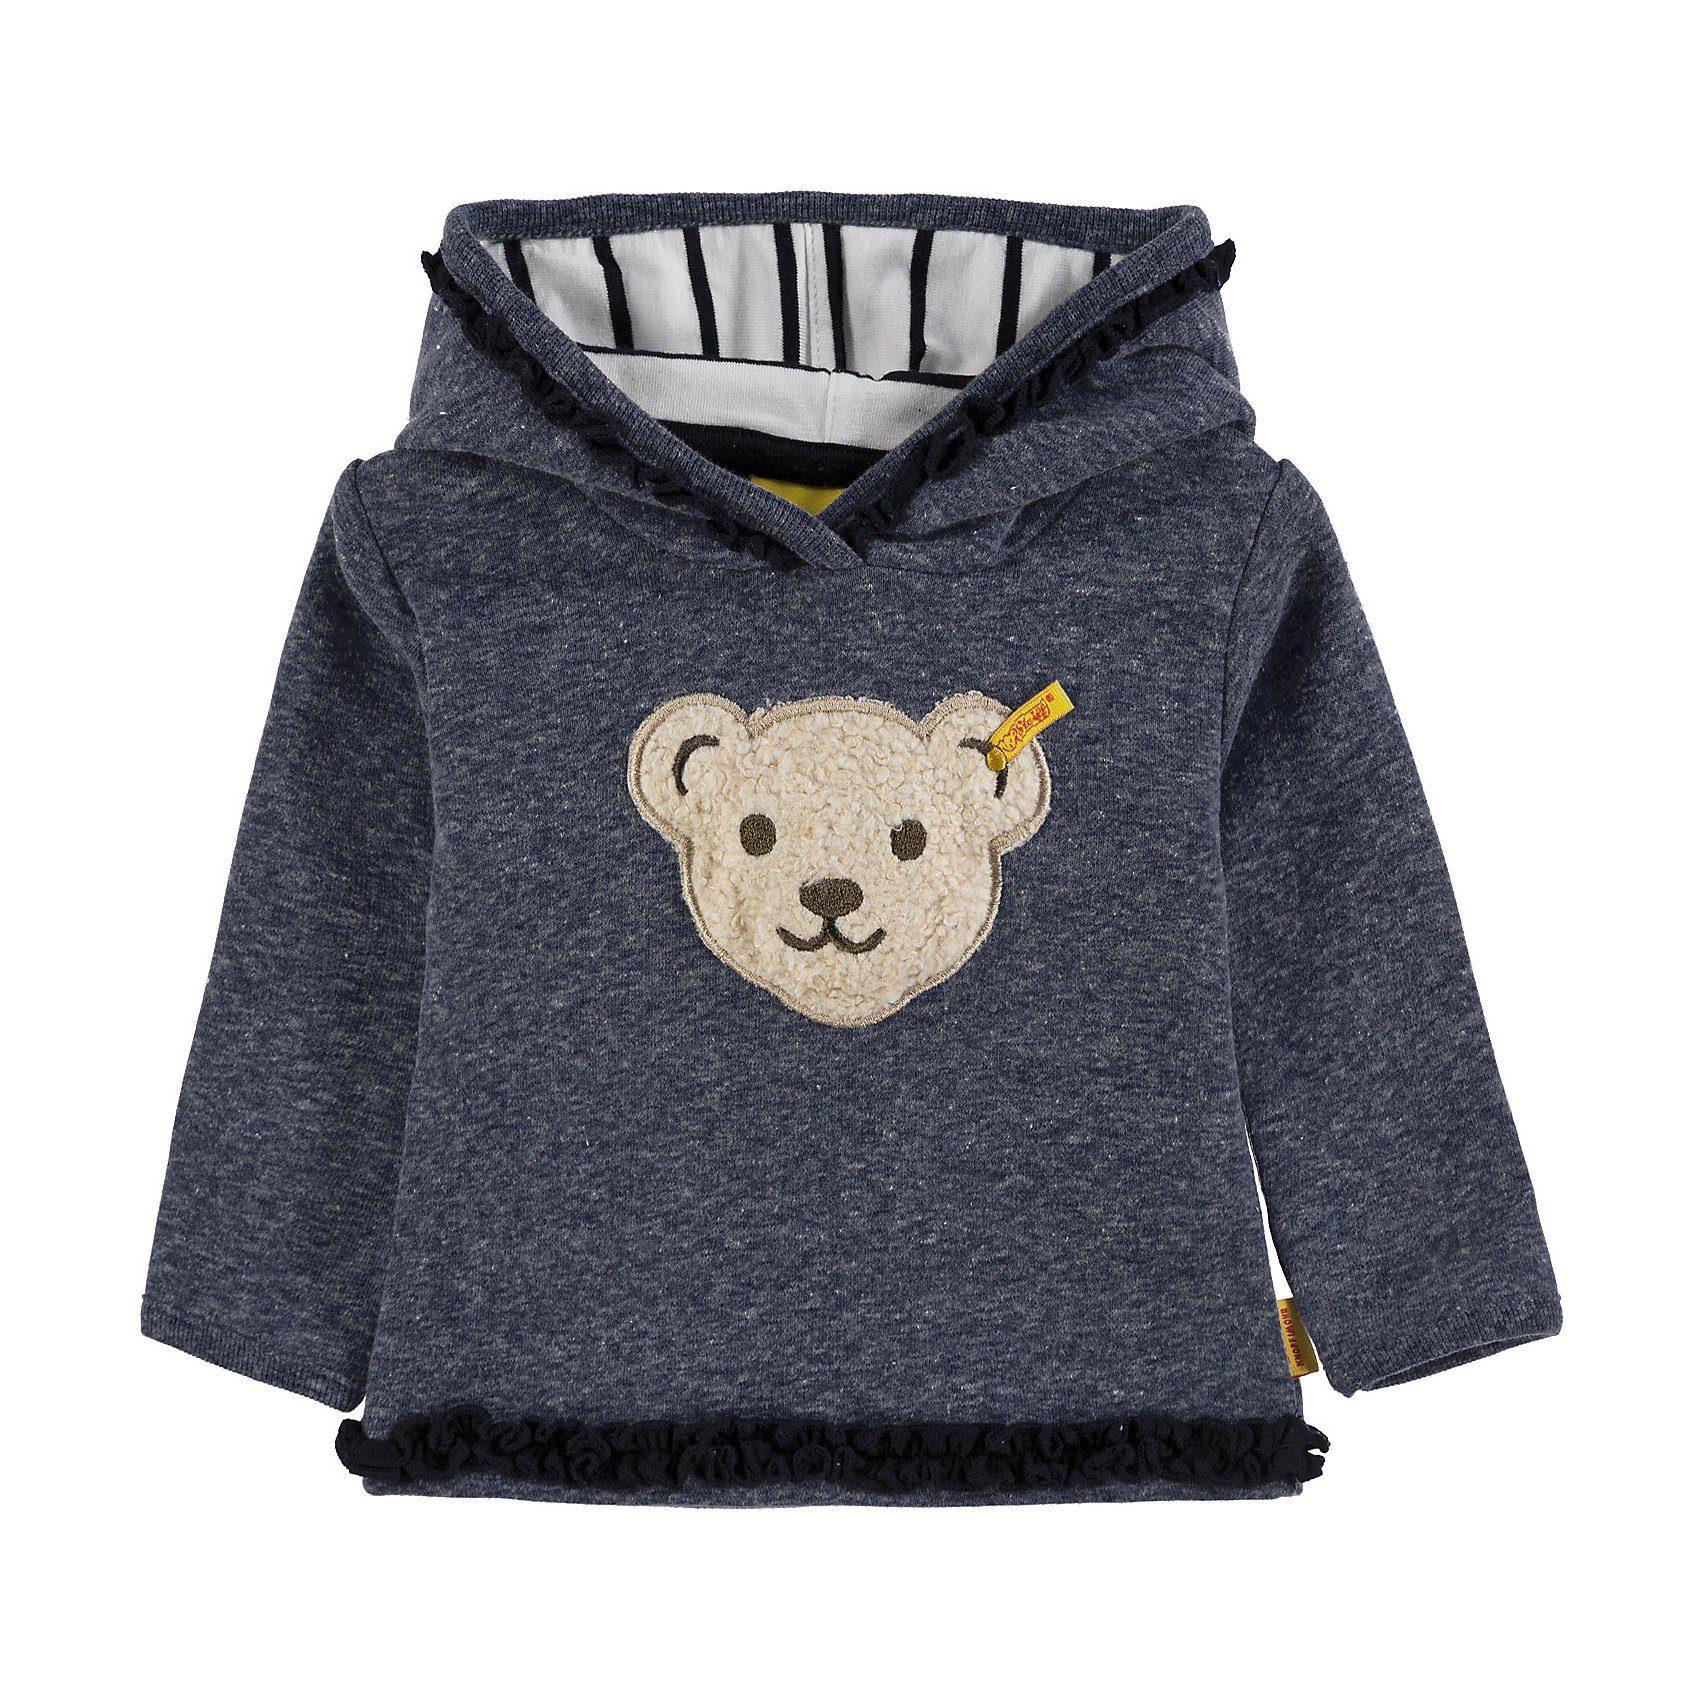 Damen,  Mädchen,  Kinder Steiff Sweatshirt mit Kapuze für Mädchen blau, rosa | 04056178912283